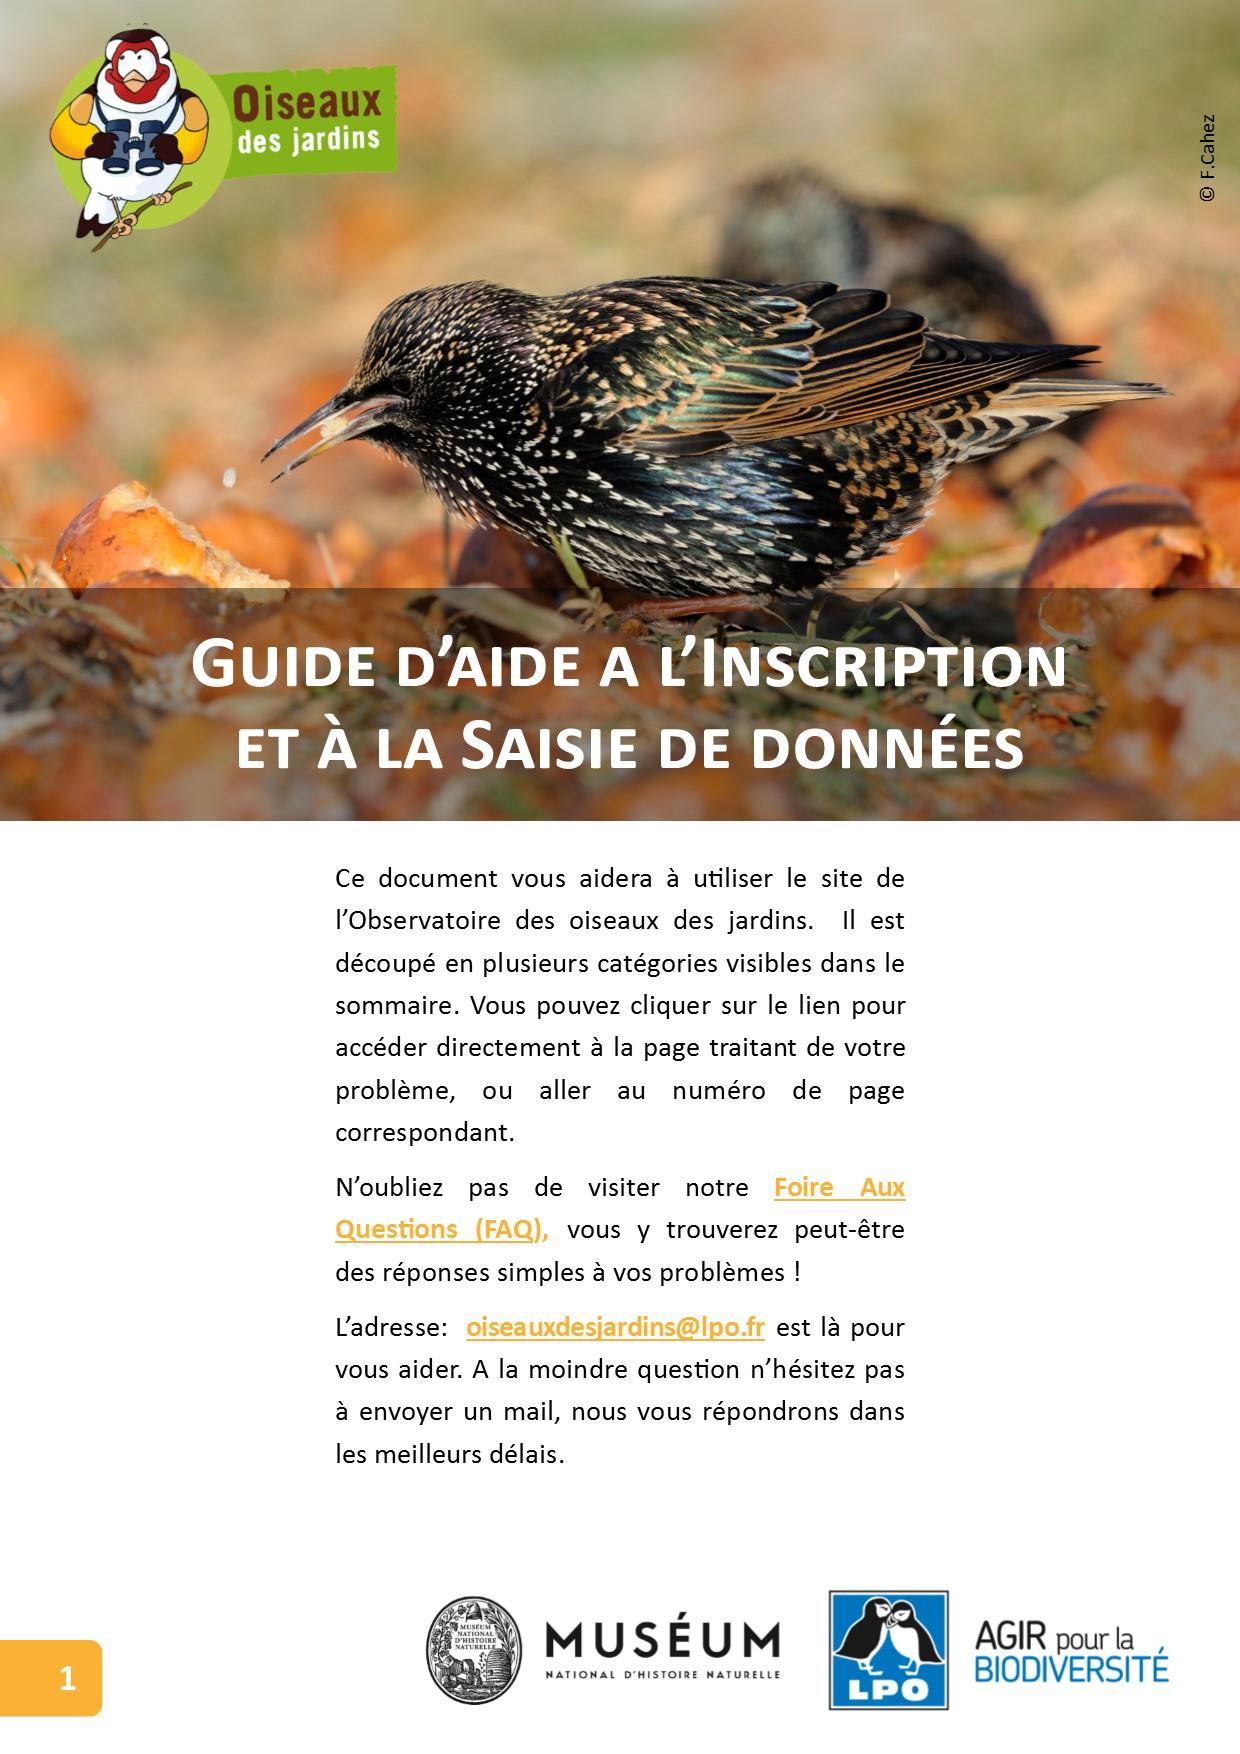 https://cdnfiles1.biolovision.net/www.oiseauxdesjardins.fr/userfiles/photopremirepage.jpg